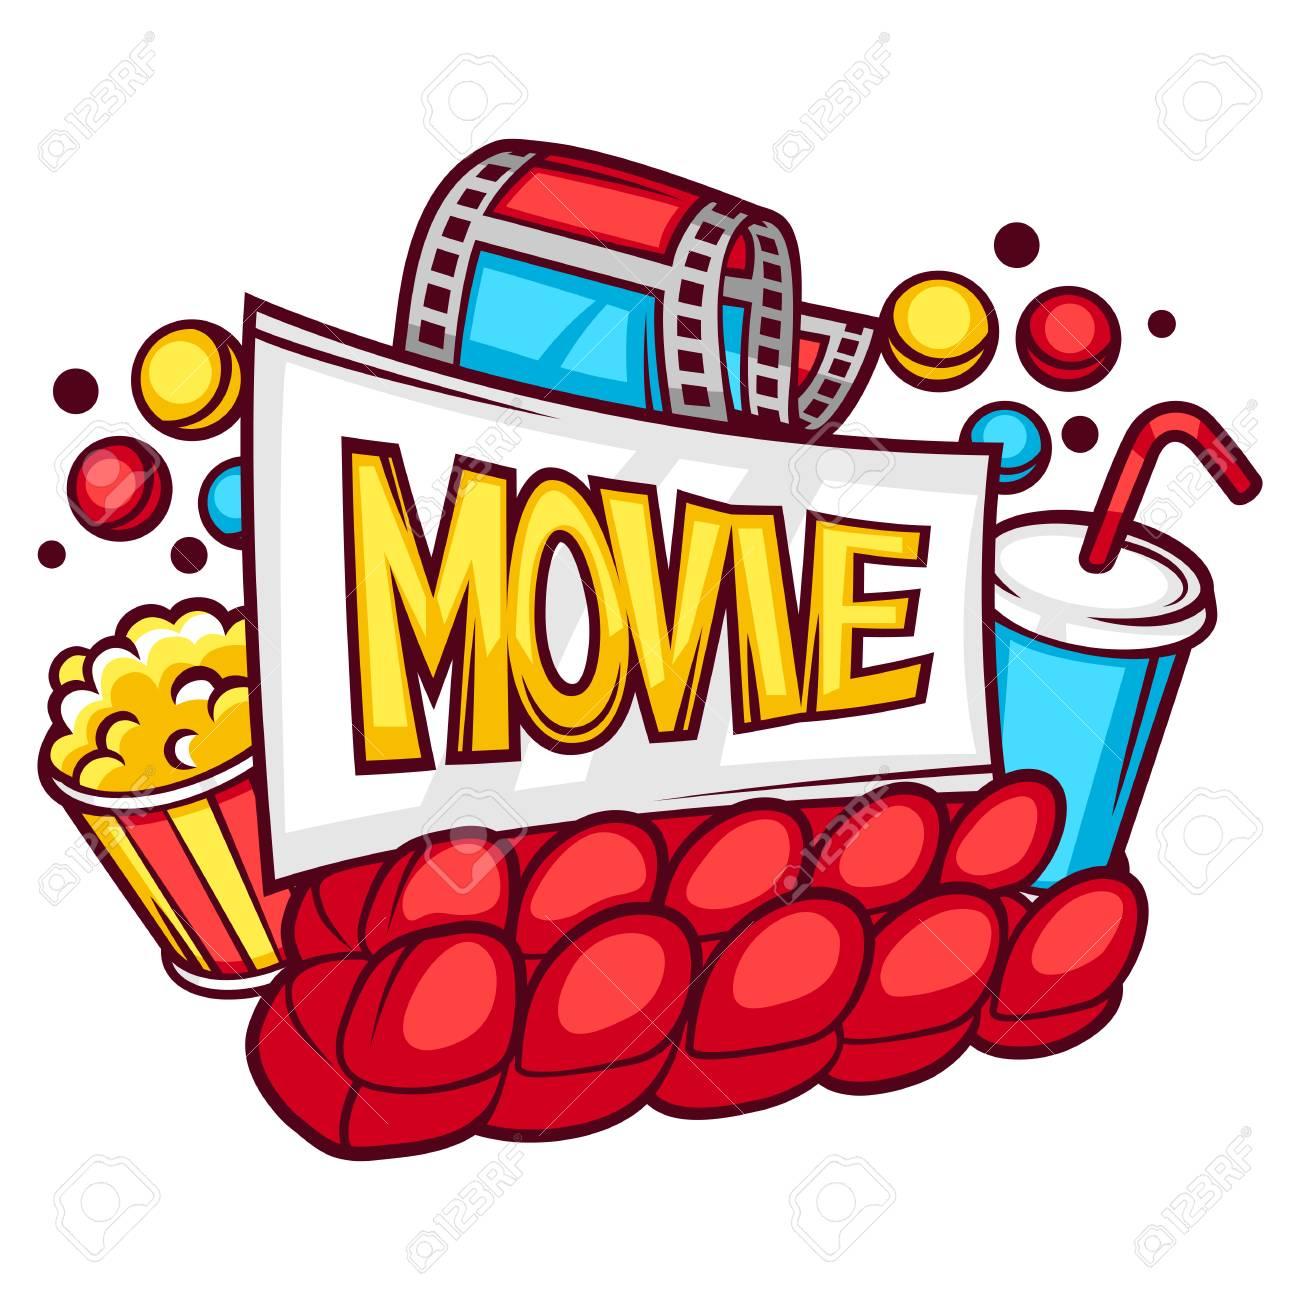 Image result for cinema